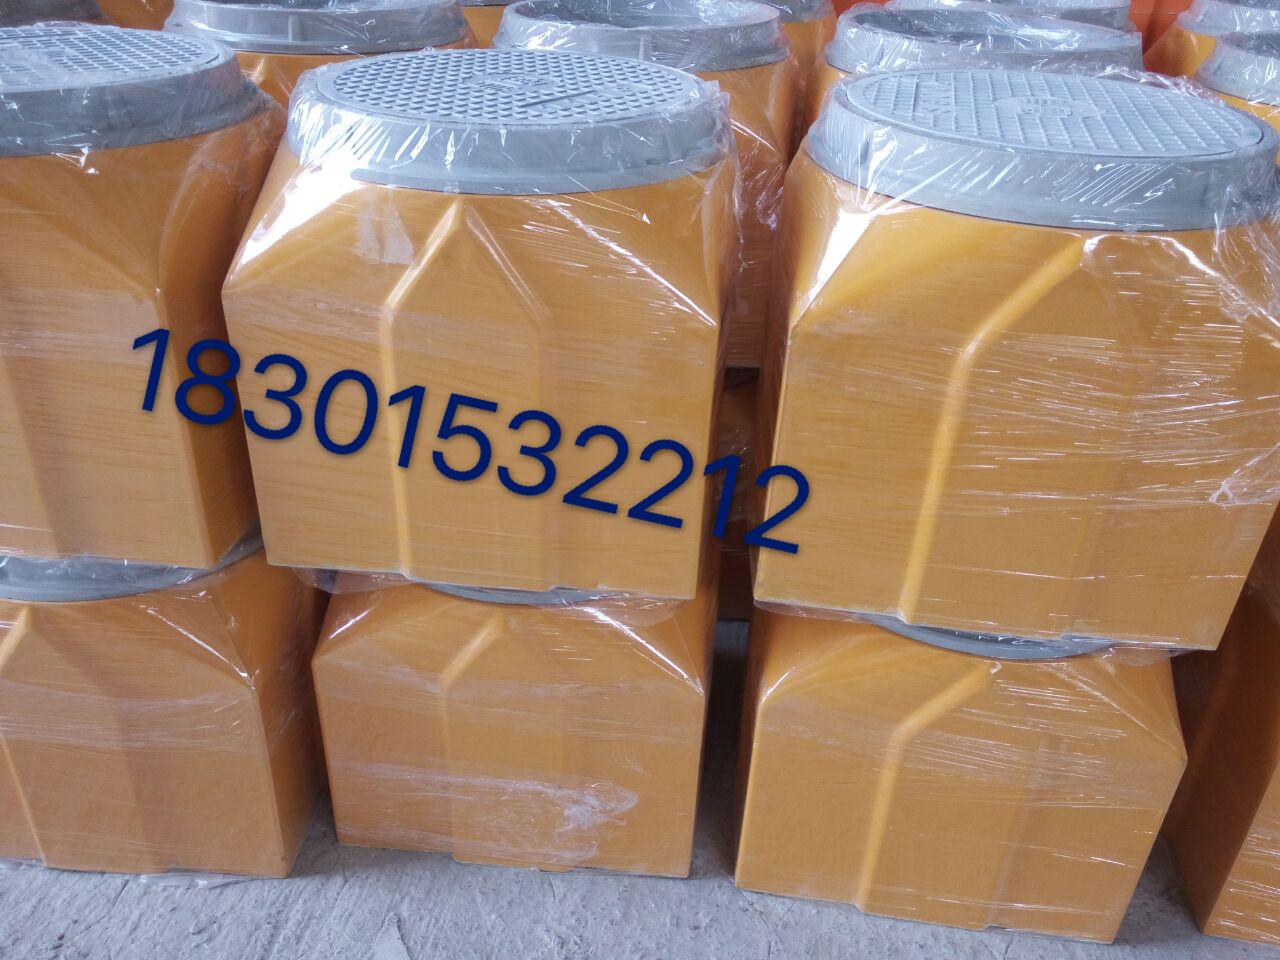 北京手孔井室外弱电用人孔检查井光缆接头保护箱树脂纤维光缆接头保护箱厂家